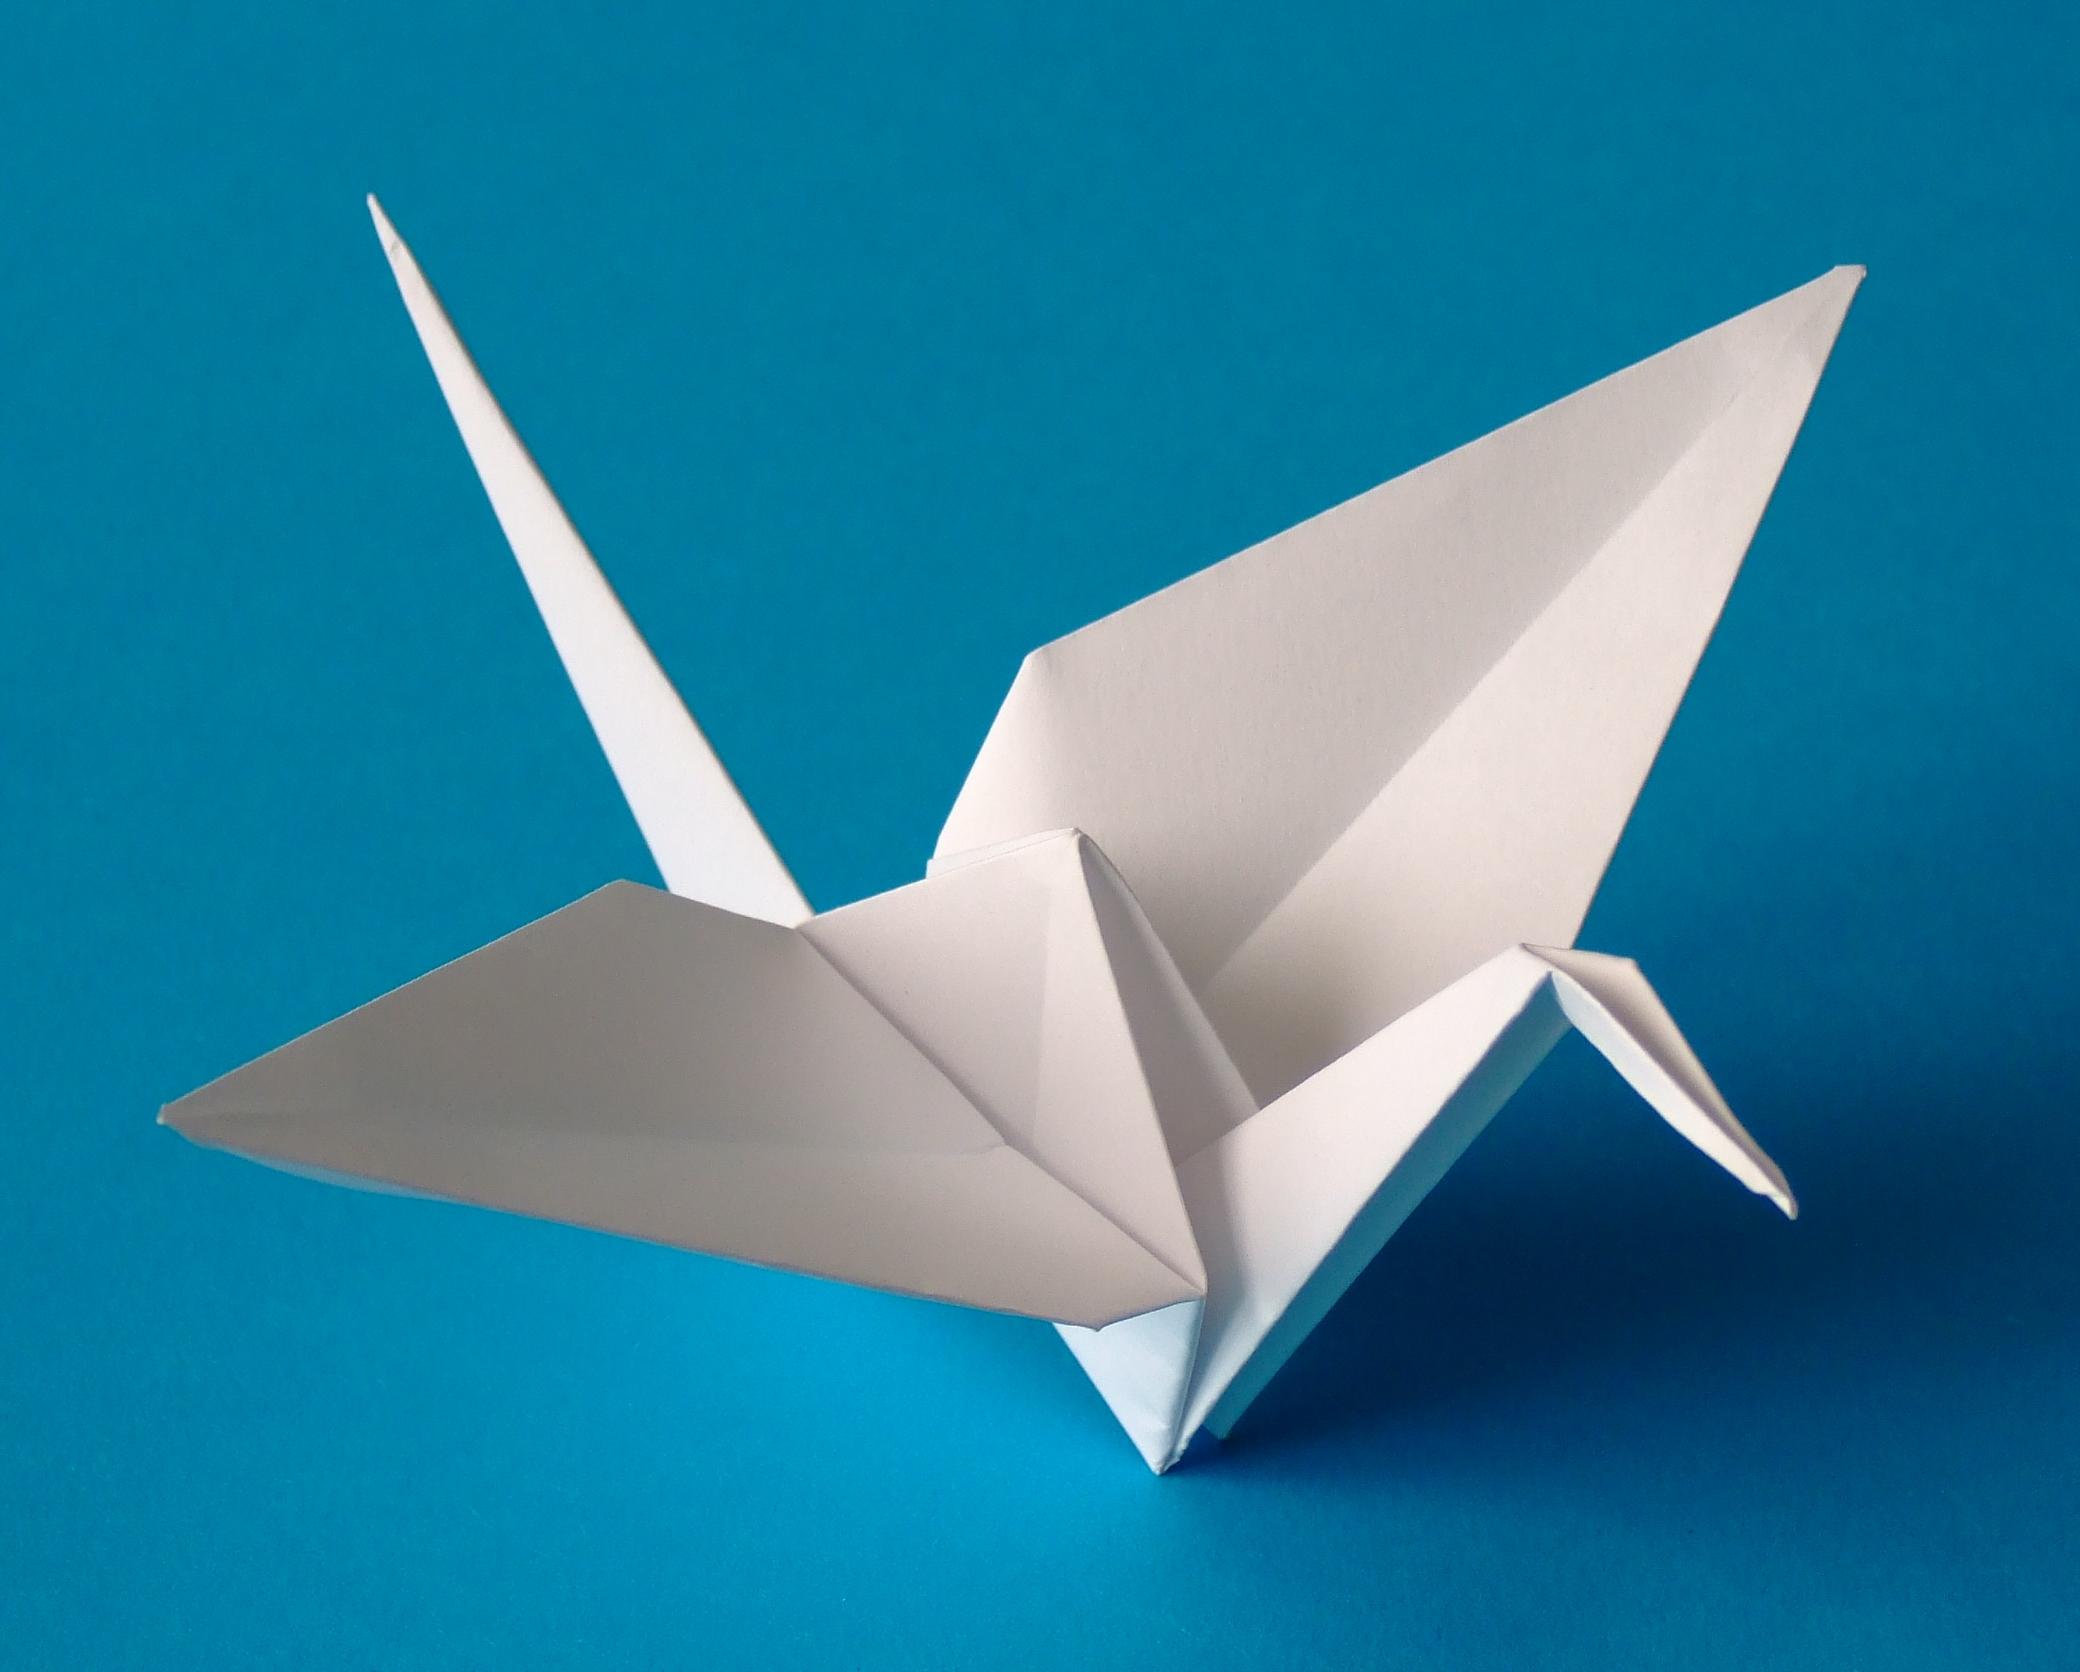 инструкция как сделать кристалл из бумаги